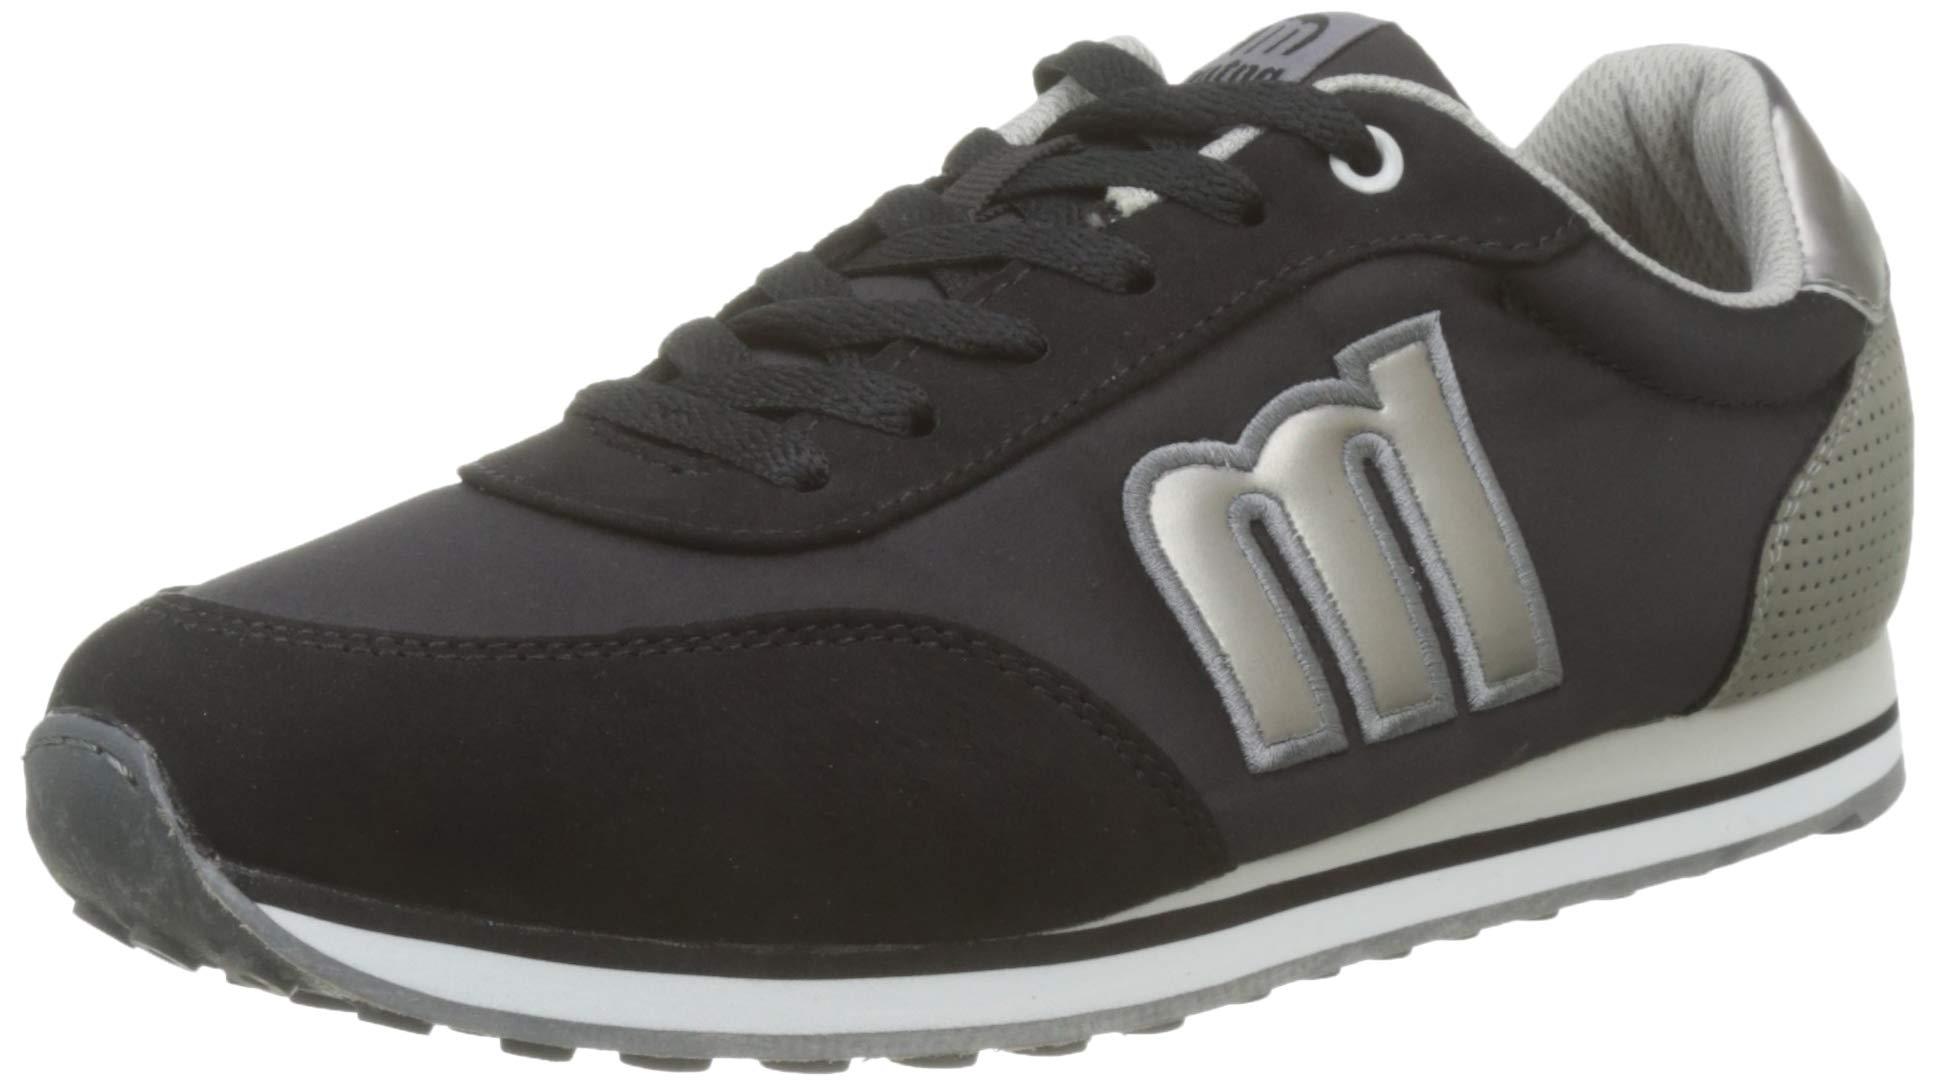 b62816bc Mejor valorados en Zapatos para mujer & Opiniones útiles de nuestros ...